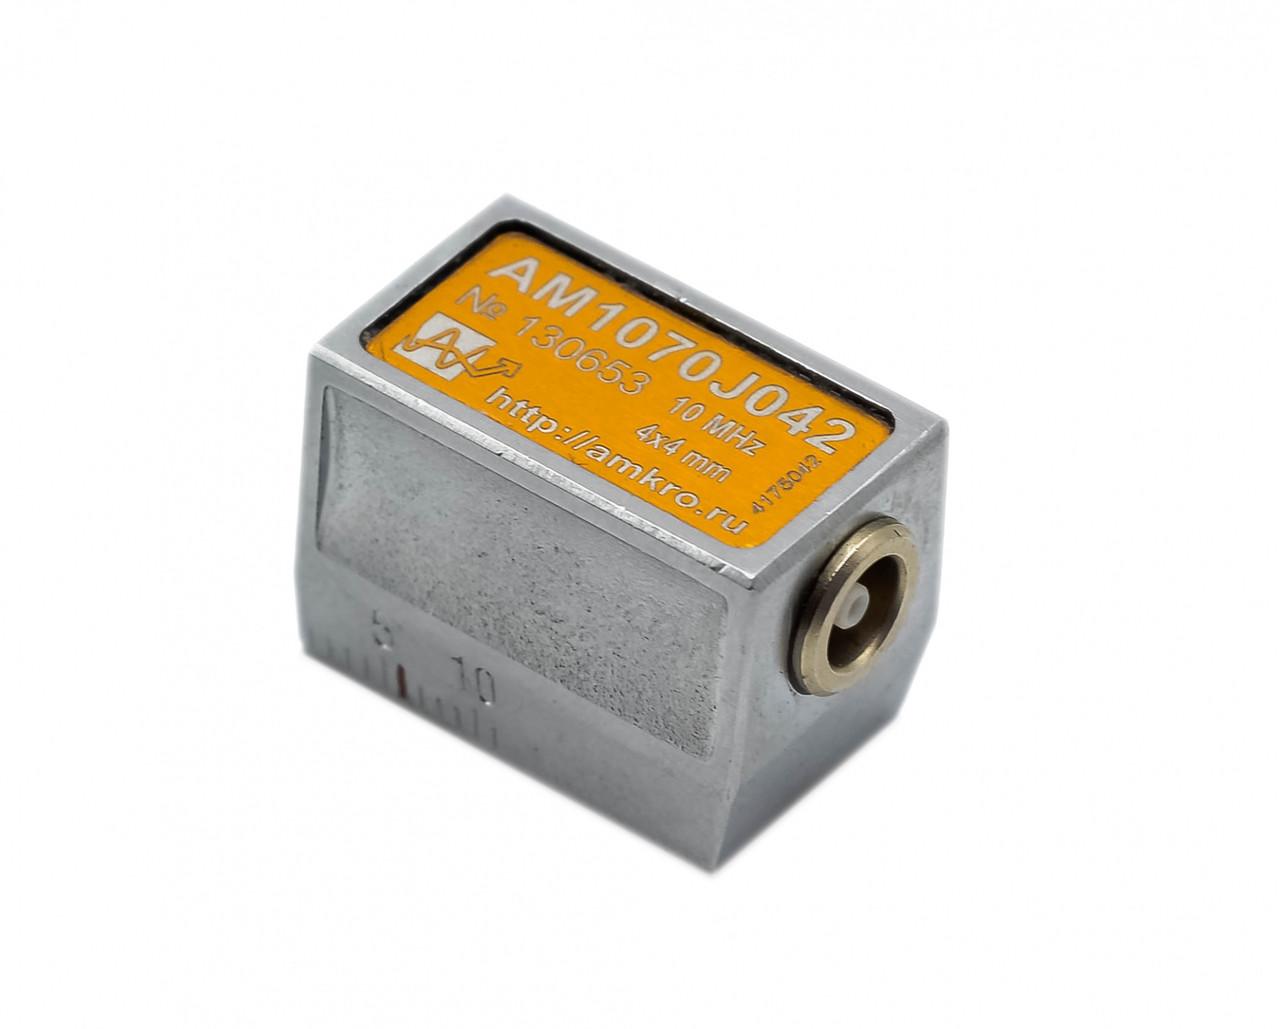 Наклонные совмещенные притертые преобразователи AM1070Jxx 10 МГц 70 град